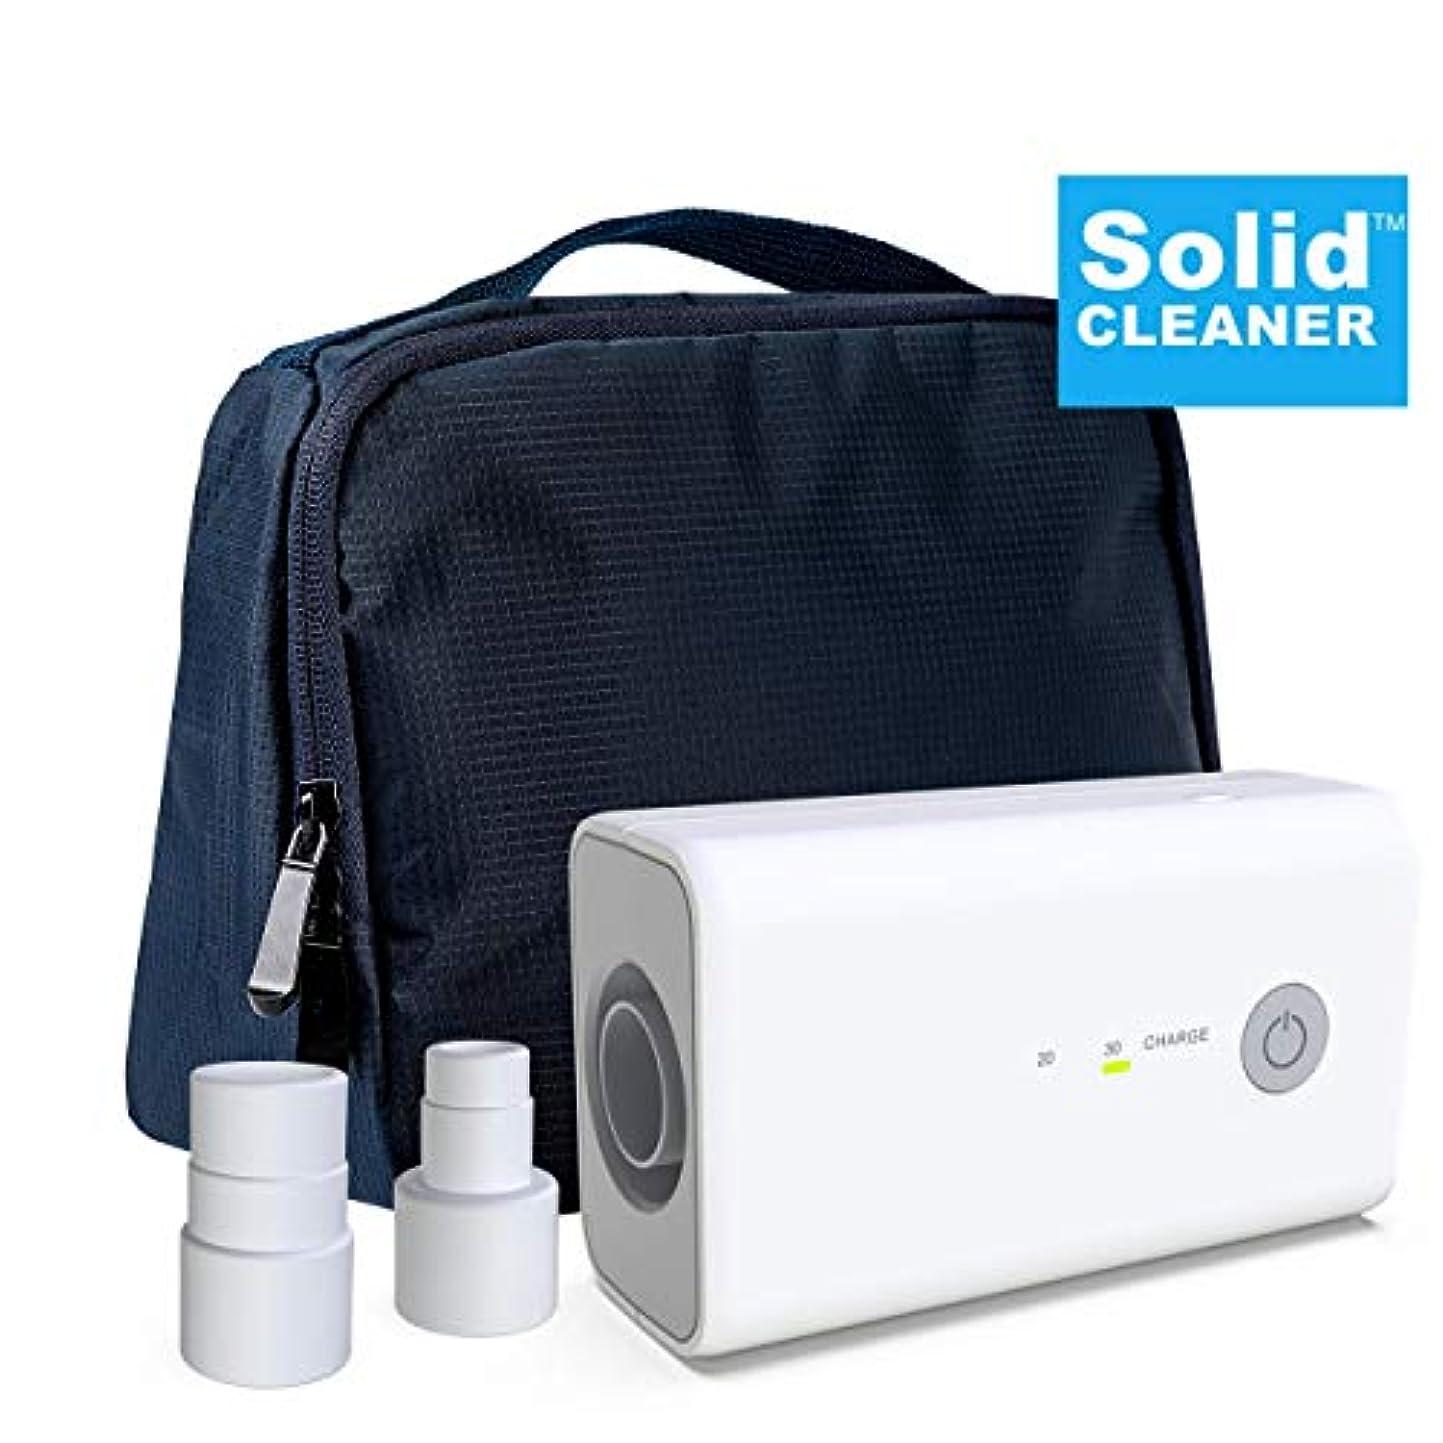 ブルゴーニュ実験八百屋さんSolidcleaner 新しい クリーナーと消毒剤 バンドル バッグ互換性 加熱ホースアダプタアダプタポータブル充電式マスクチューブクリーナーを消毒含み Upgraedバンドル ライトグレー